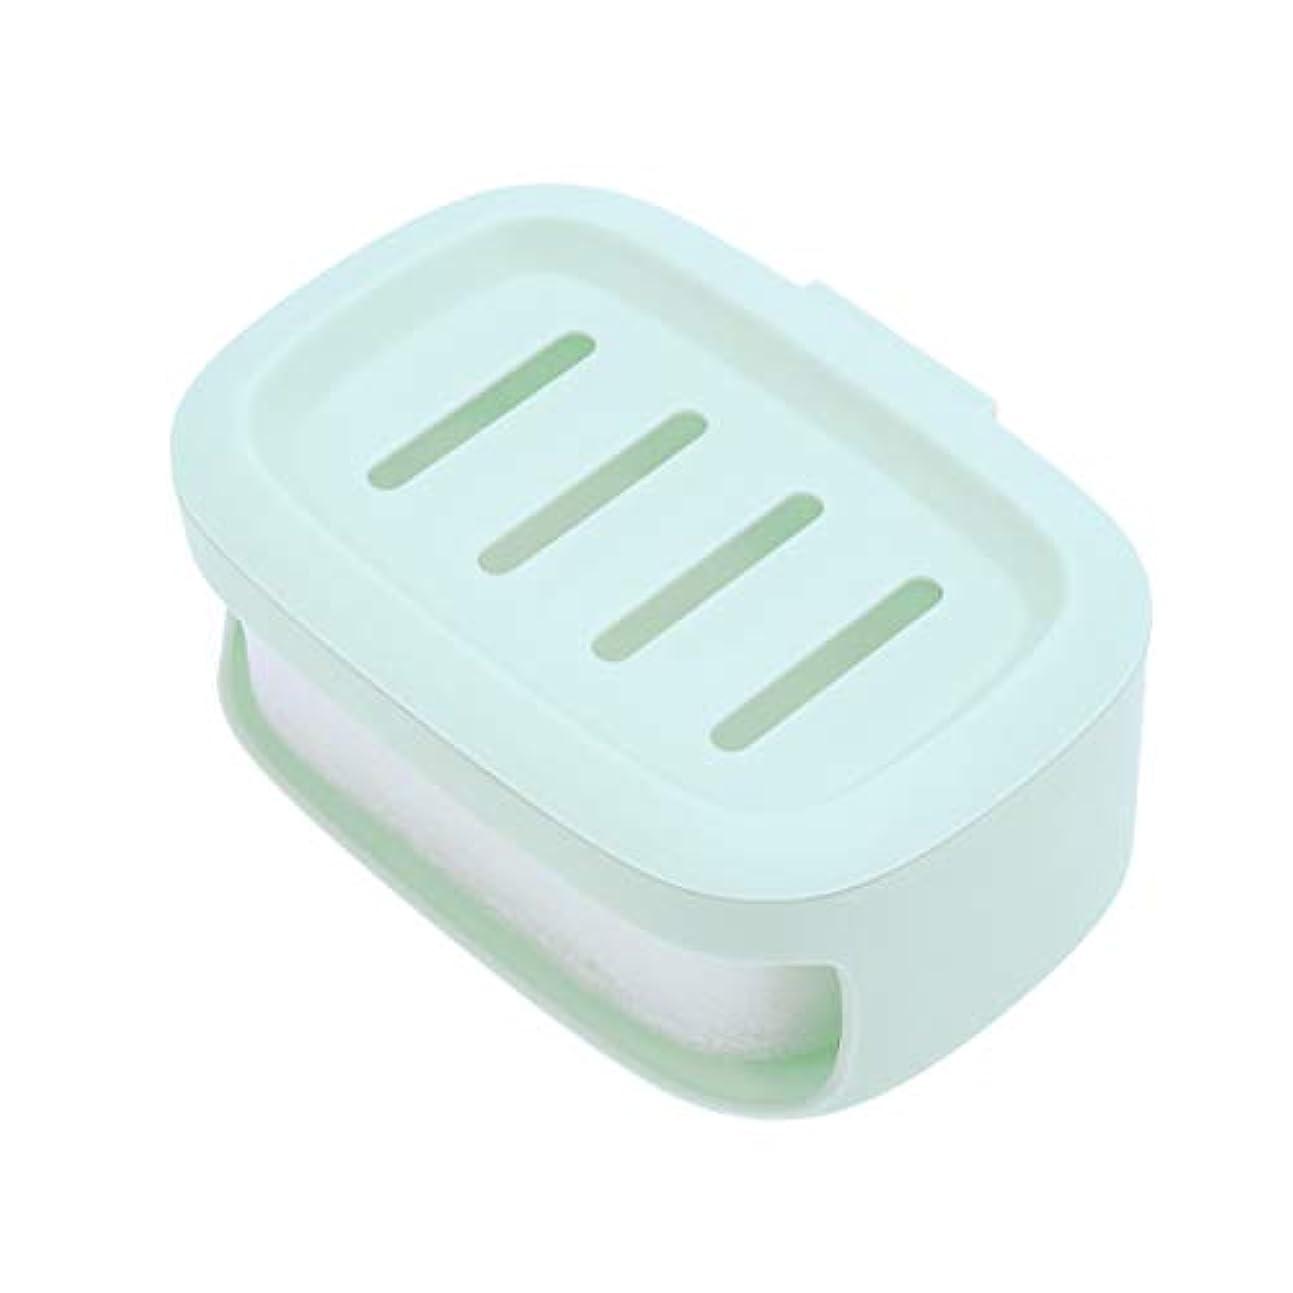 ブート元気とんでもないHealifty ソープボックス防水シールソープコンテナソープホルダー(ライトグリーン)